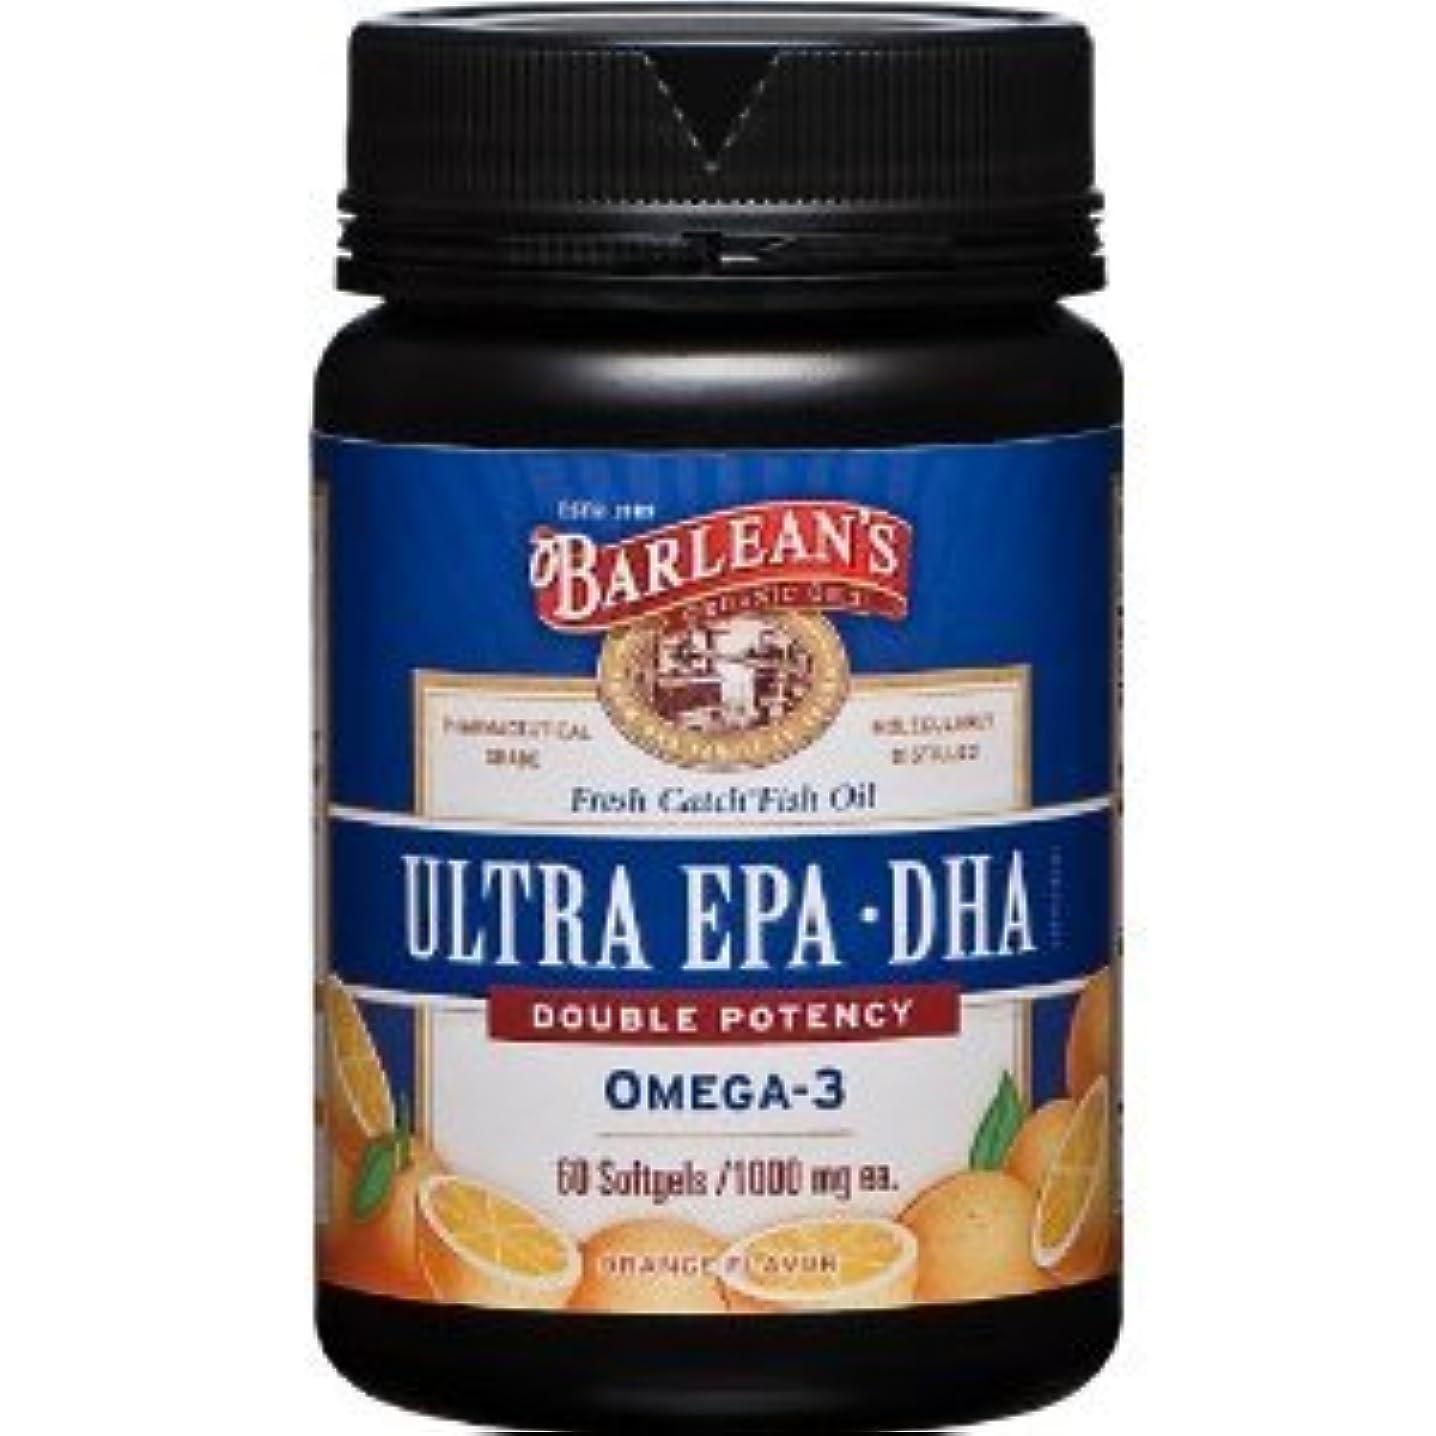 警告ダブル食事を調理する高濃度 (1000mg)  EPA DHA (オレンジフレーバー)-  60 Softgels (海外直送品)